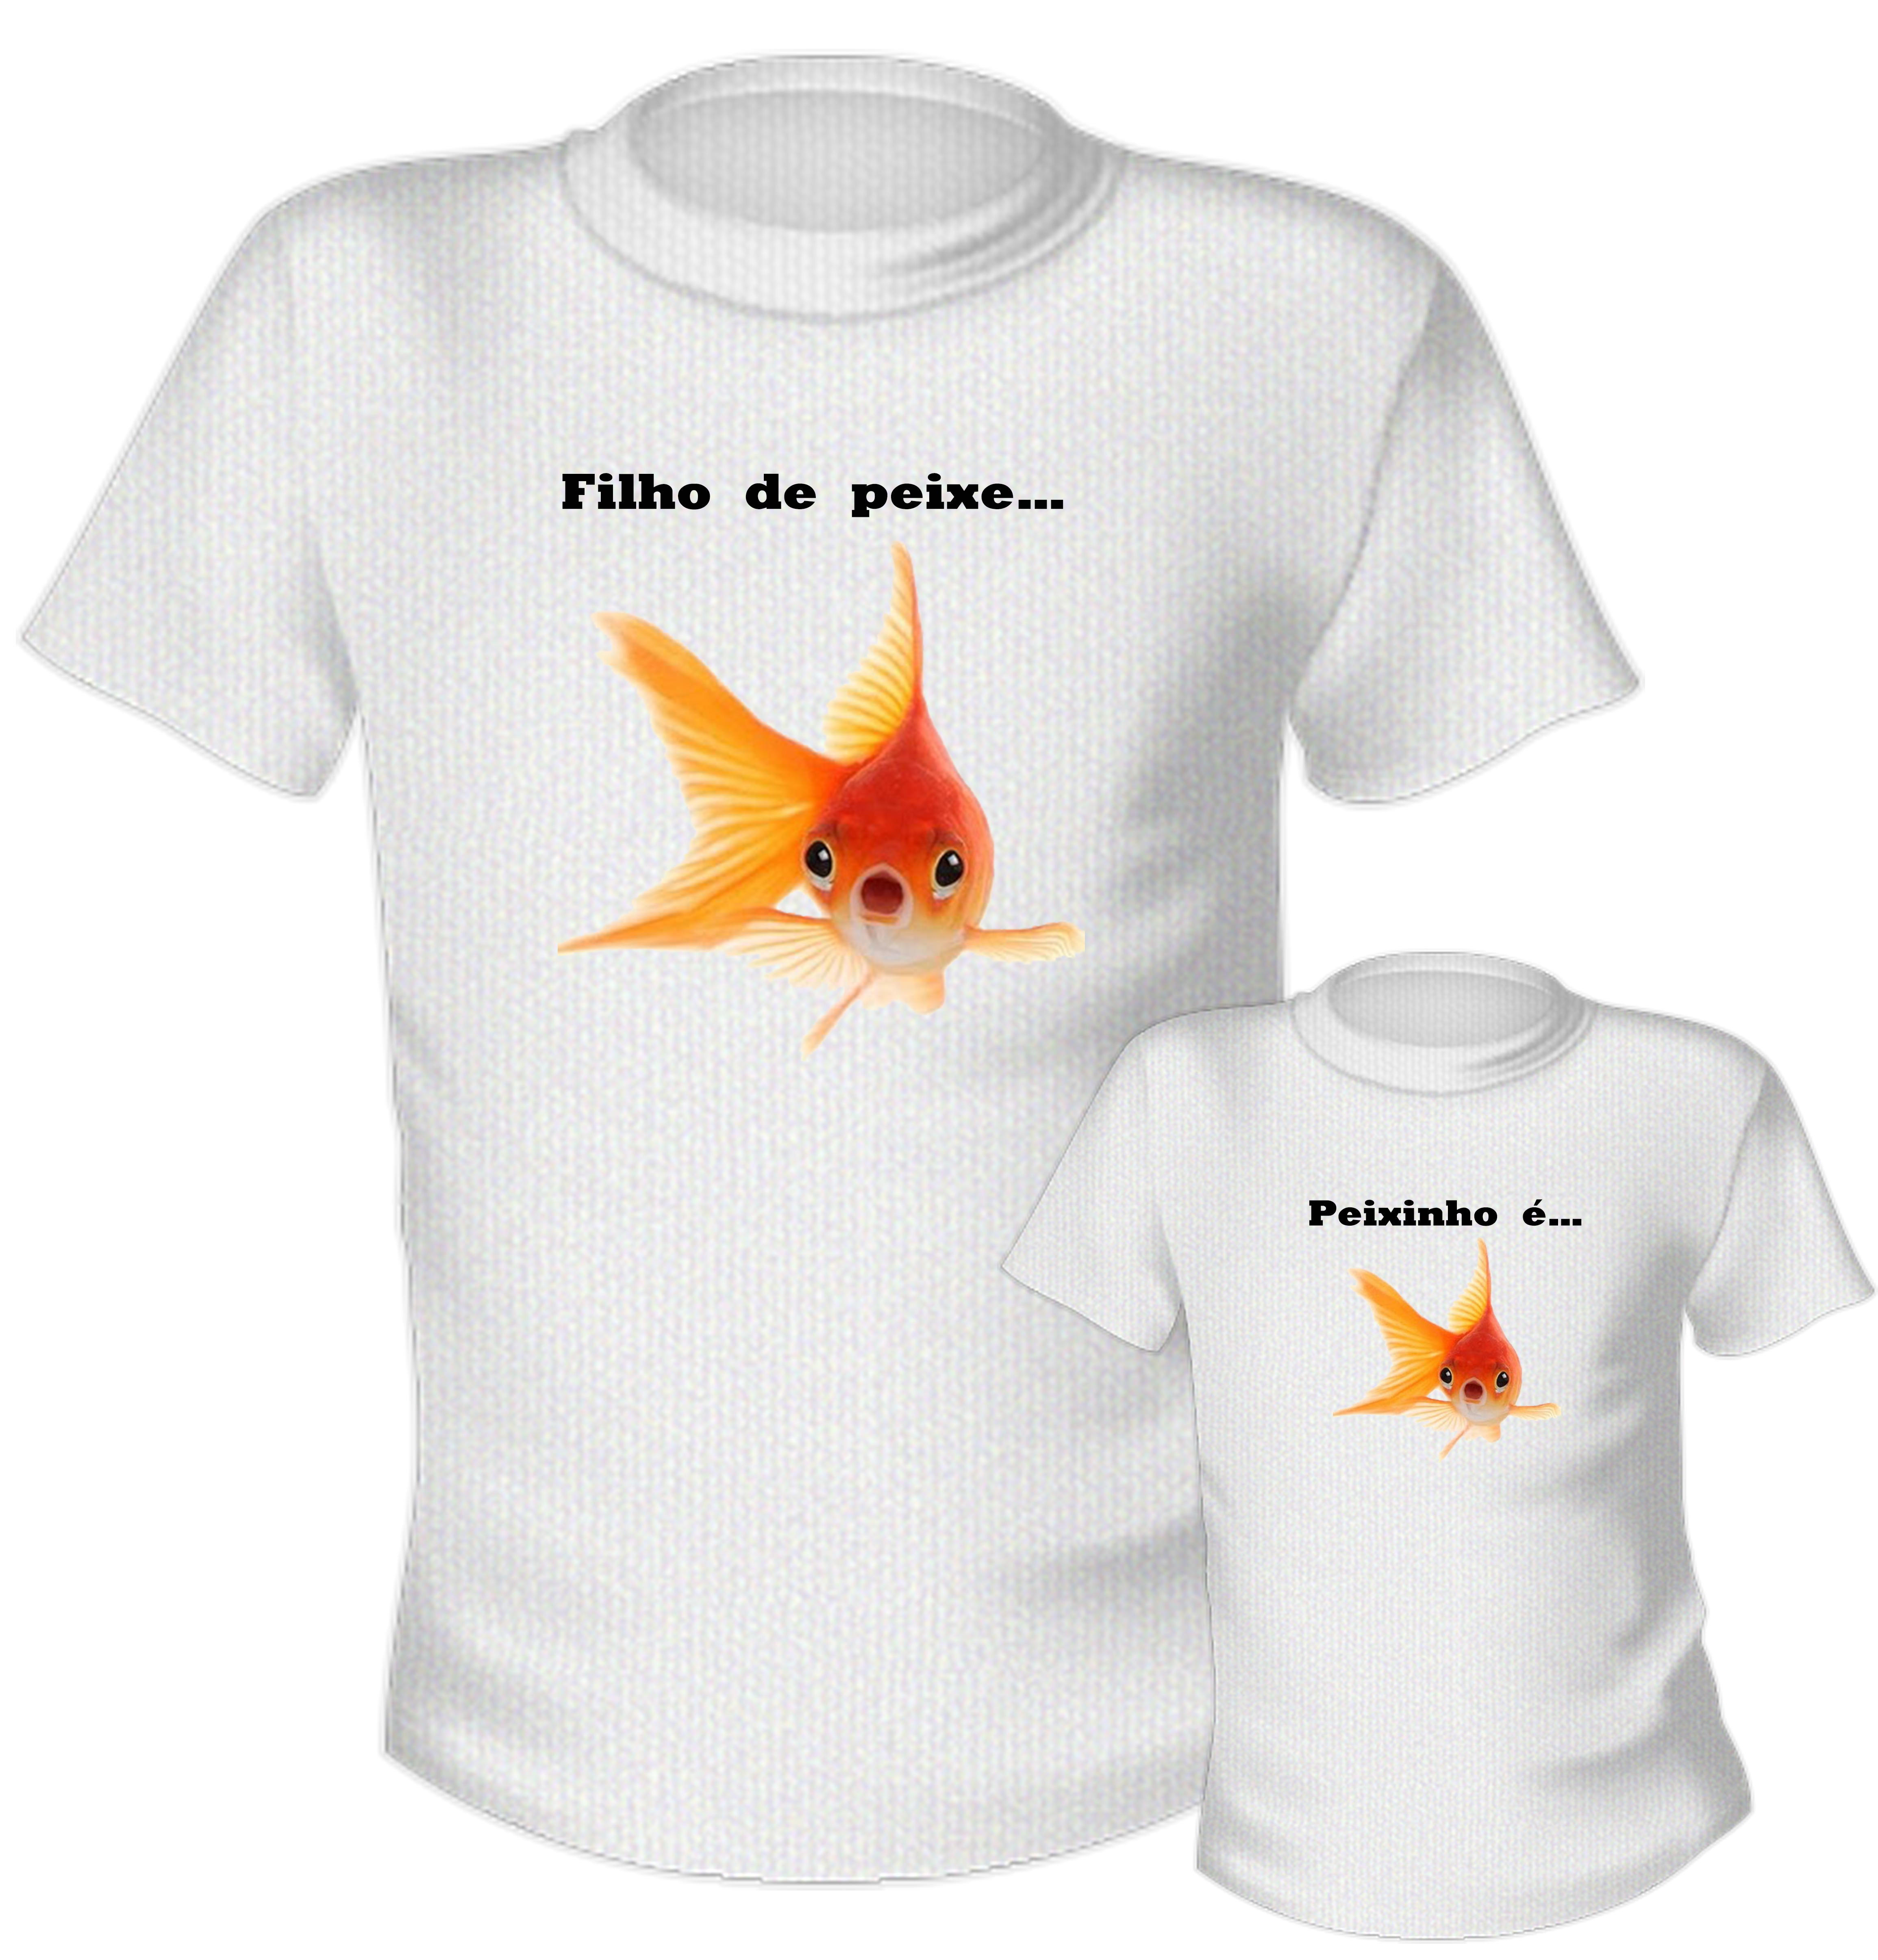 e81409ef7d Kit Camiseta Filho de Peixe Peixinho e Tal Pai Tal Filho